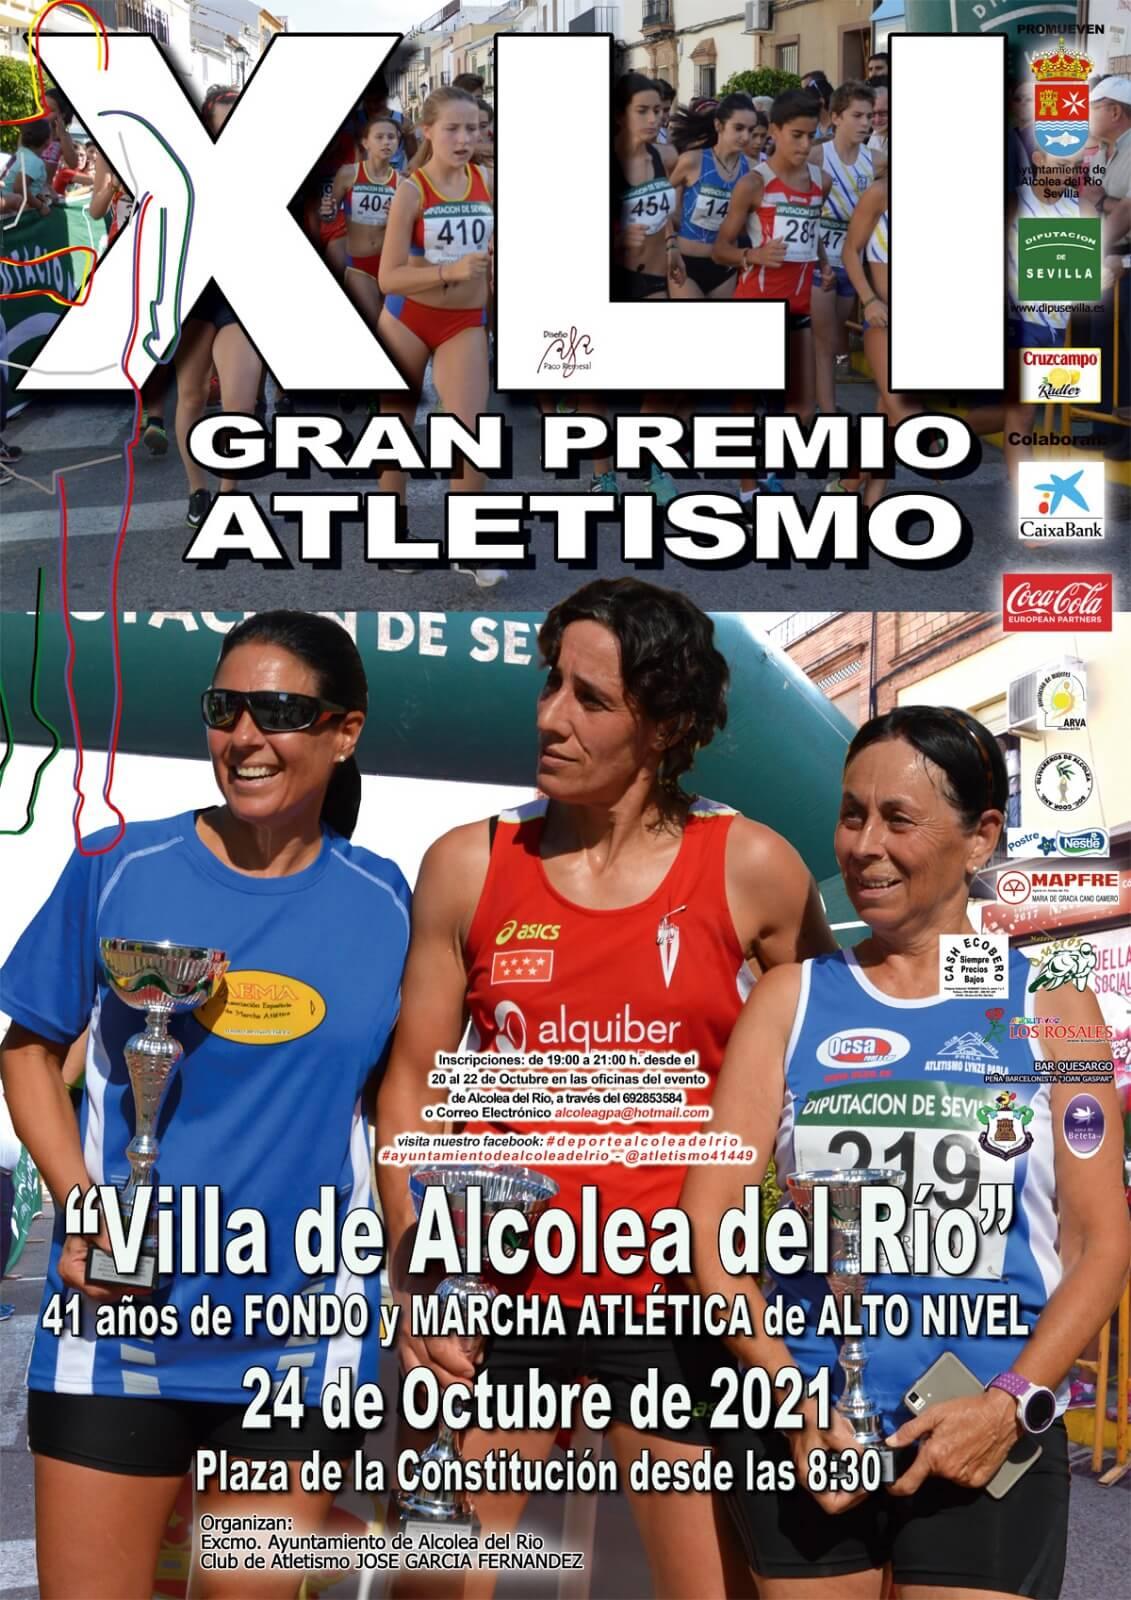 XLI Gran Premio Atletismo Villa de Alcolea del Río